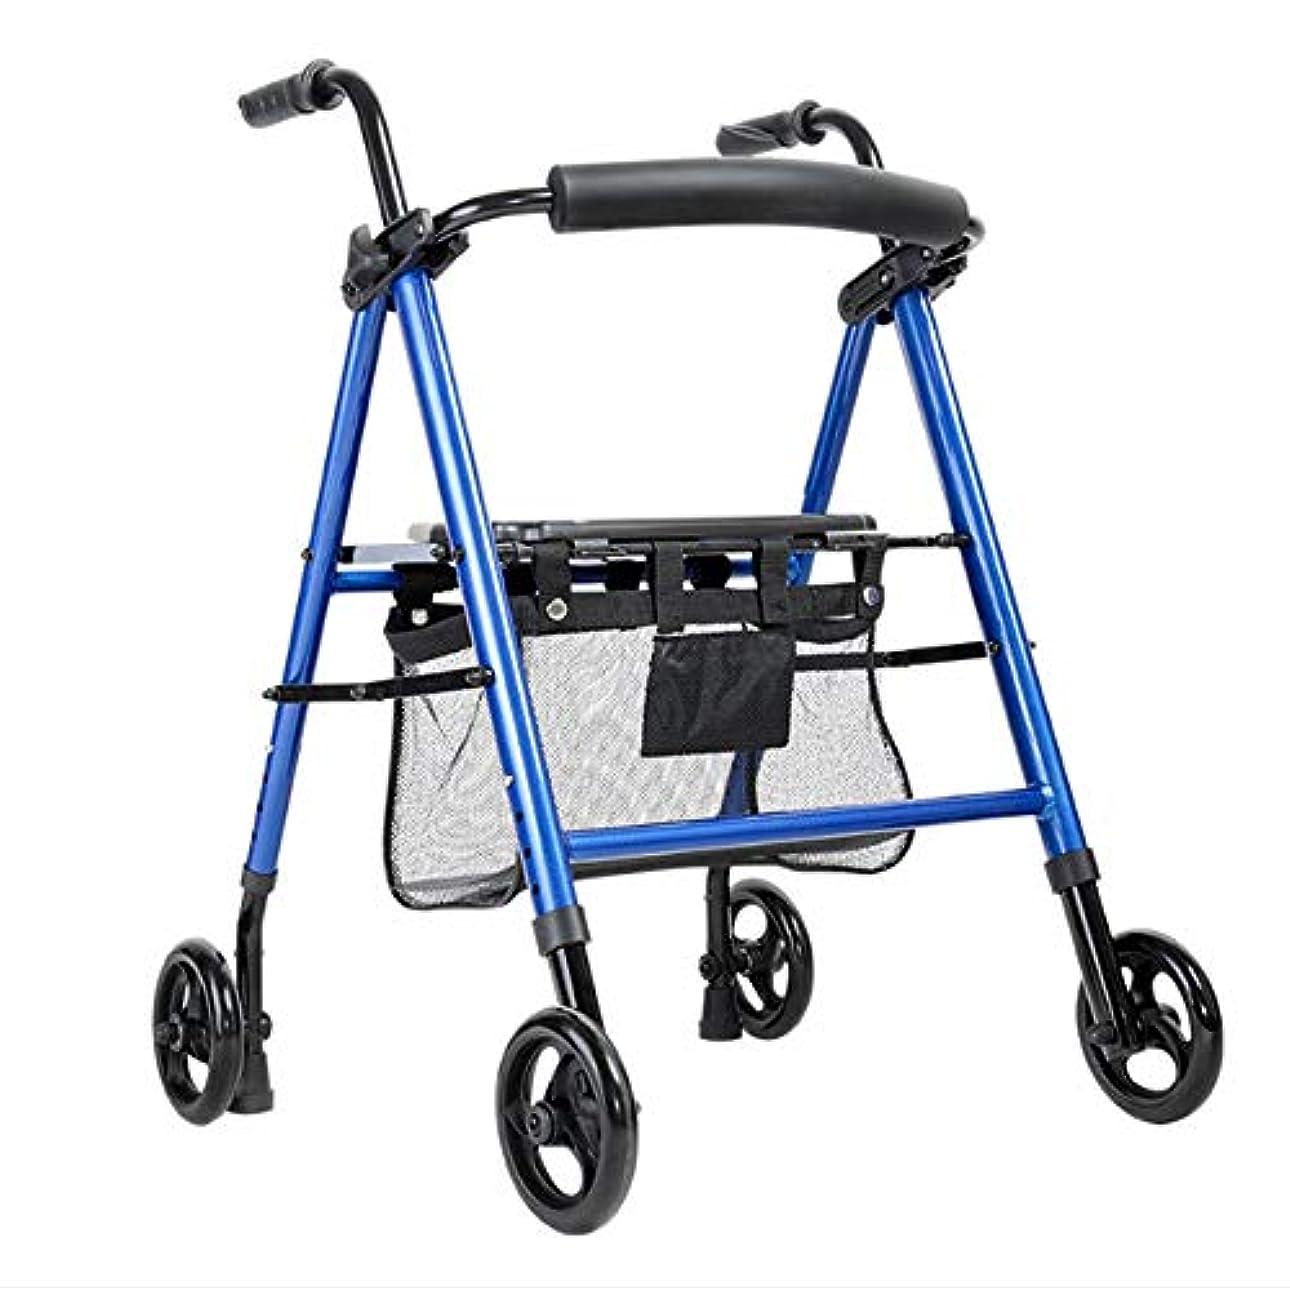 生活サンダーソーシャル四輪ヘビーデューティーウォーカー、ウォーカー、高齢者、手術後、怪我用の休憩シート